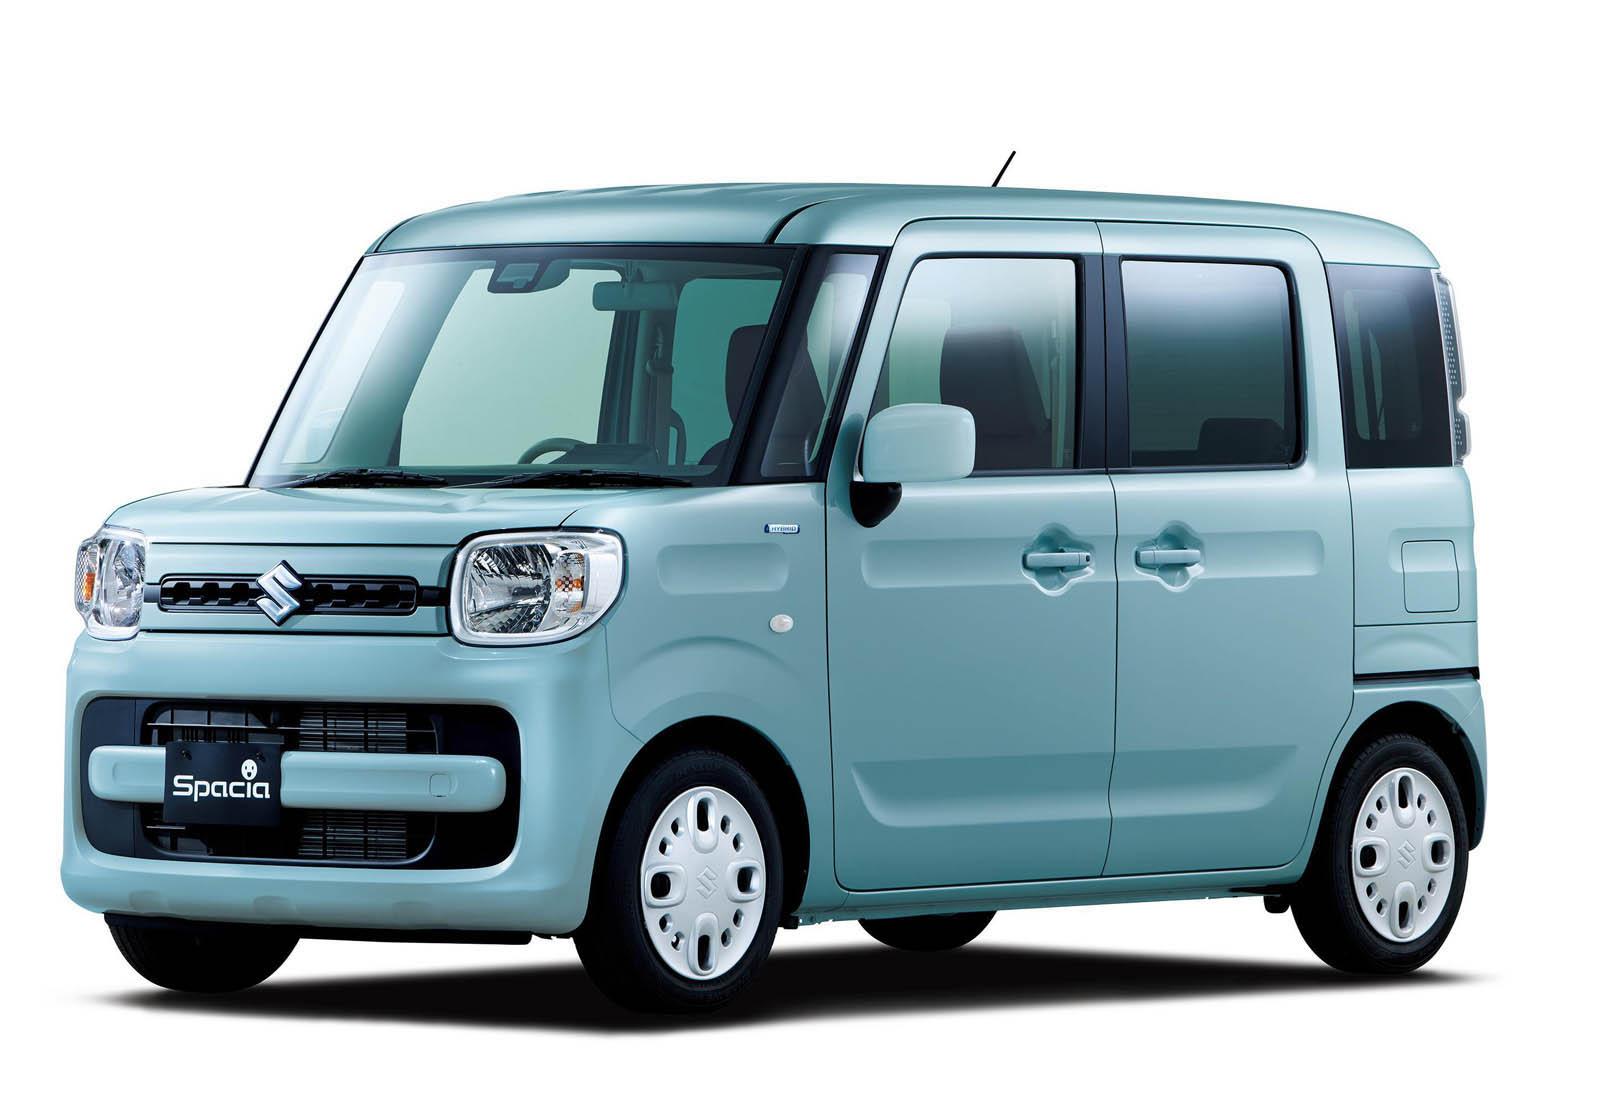 Suzuki Spacia 2018 (15)